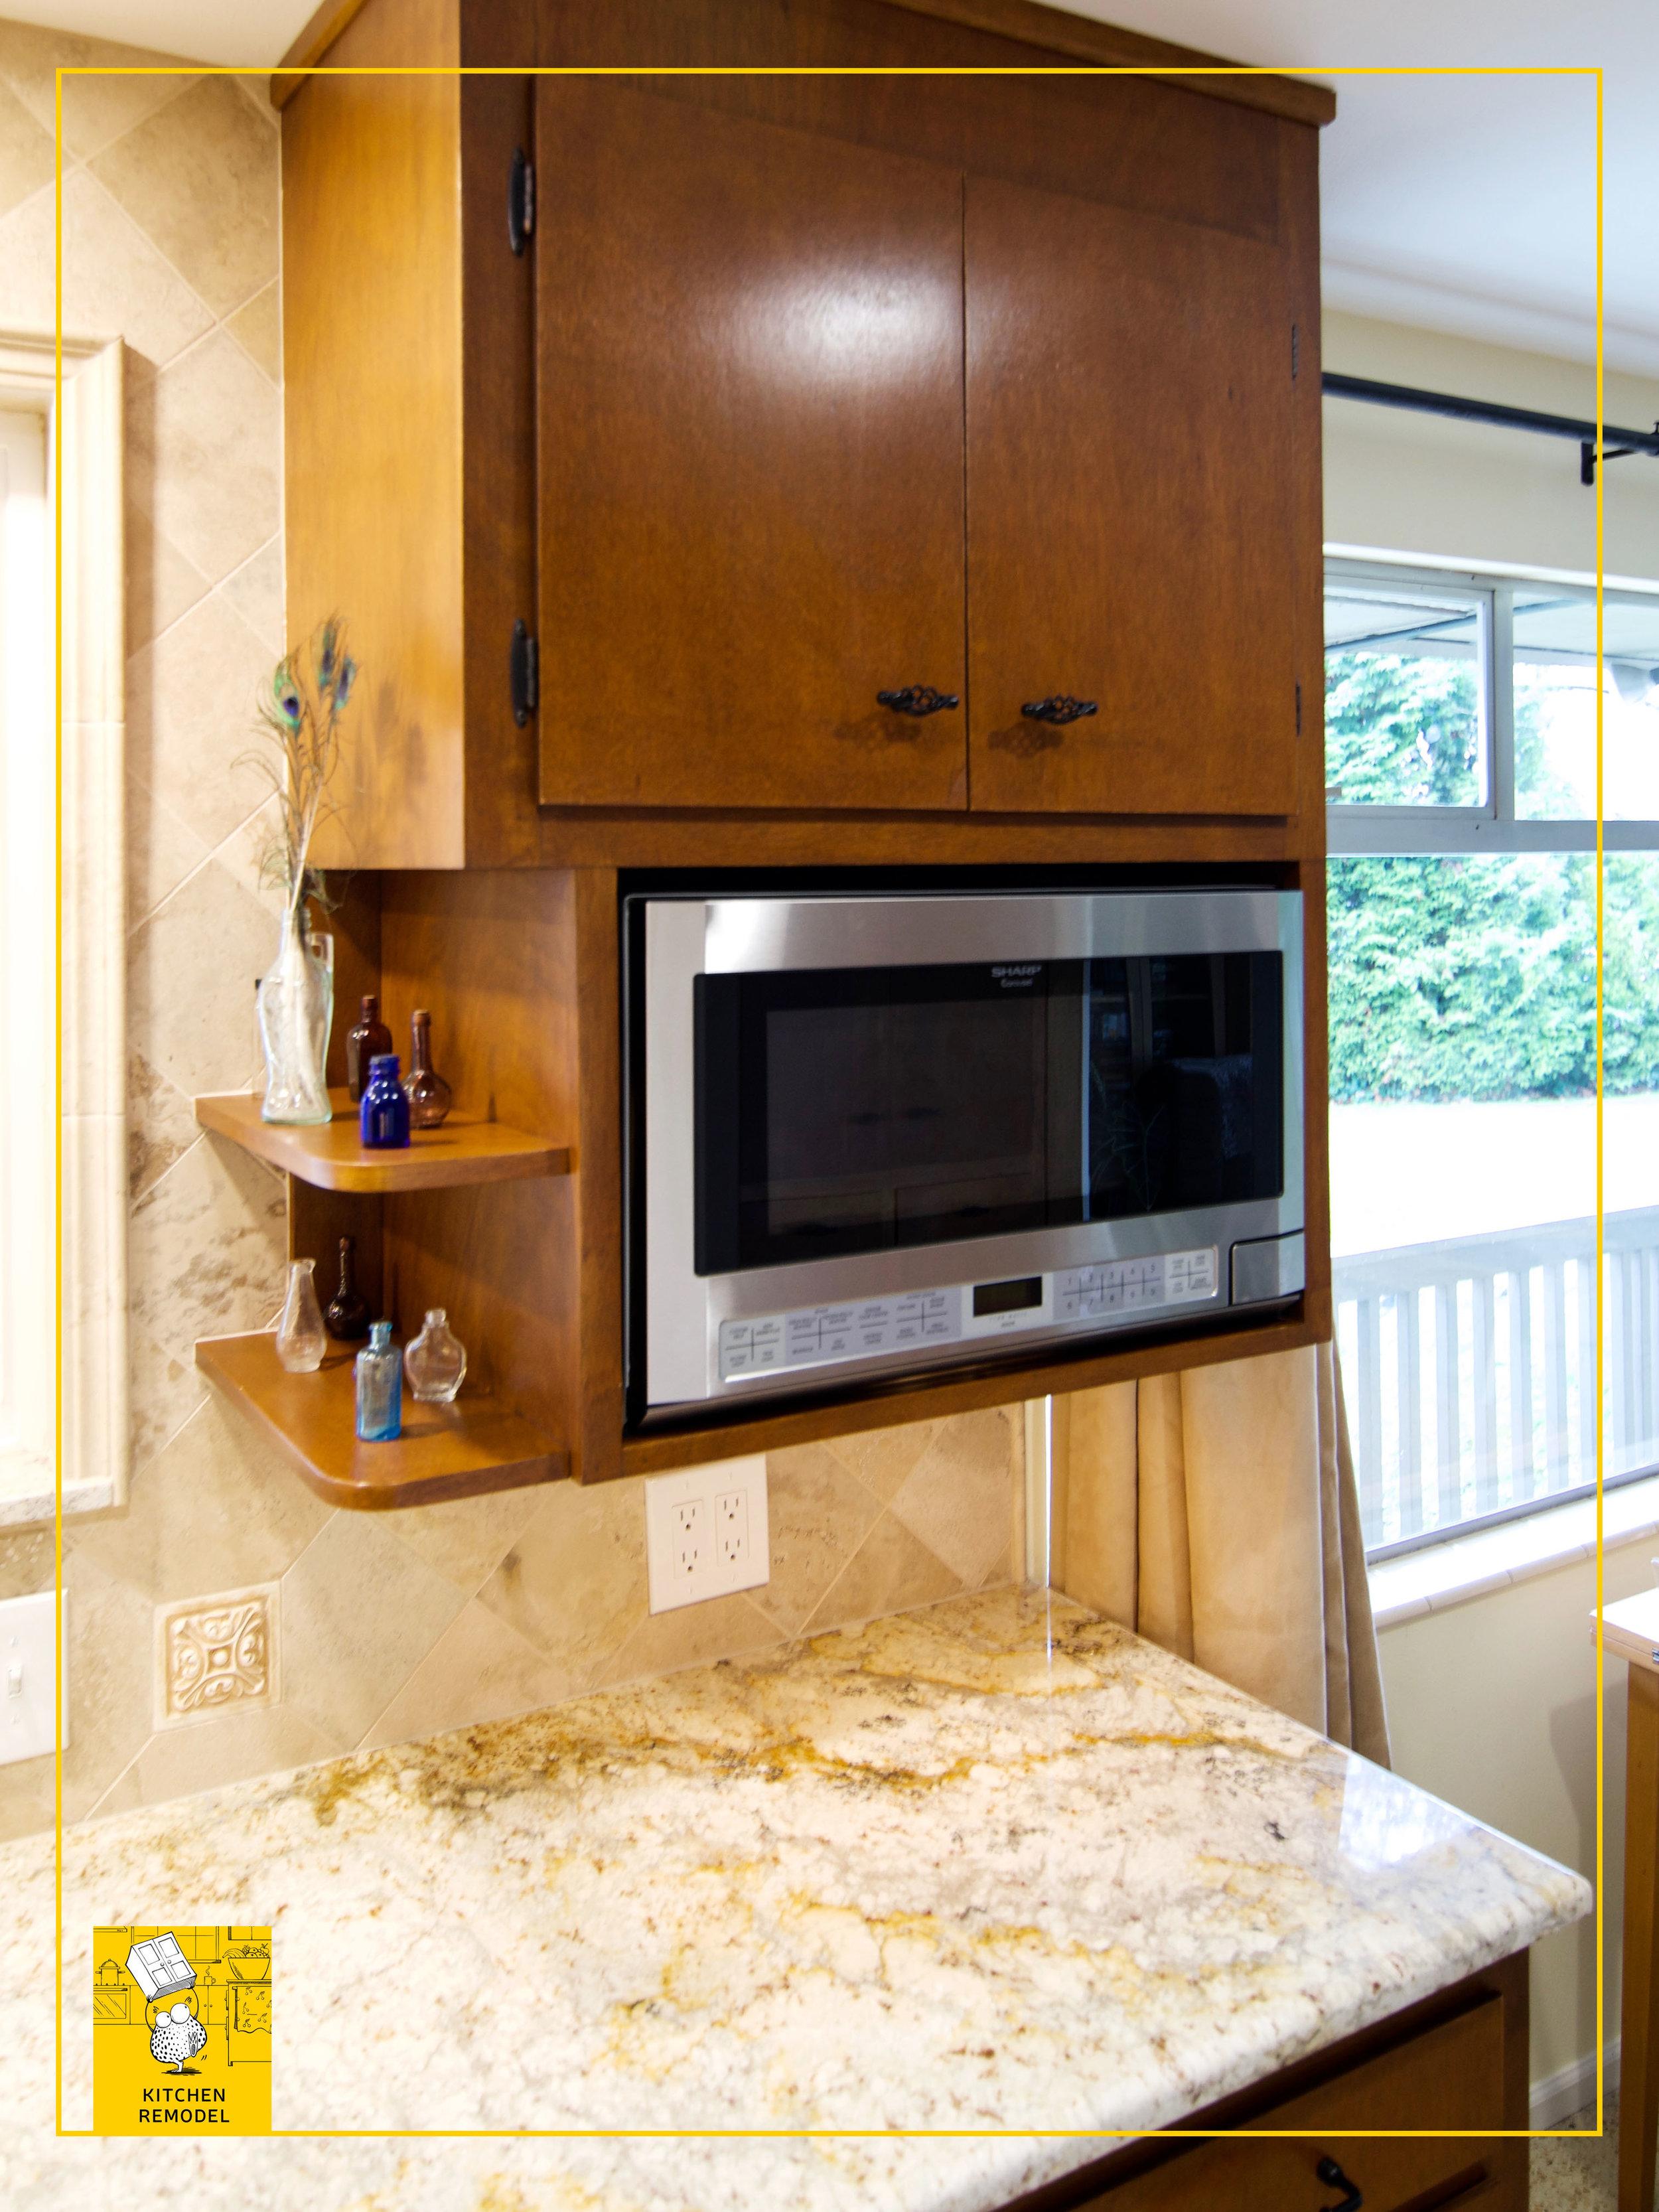 MT kitchen 2 after 3.jpg